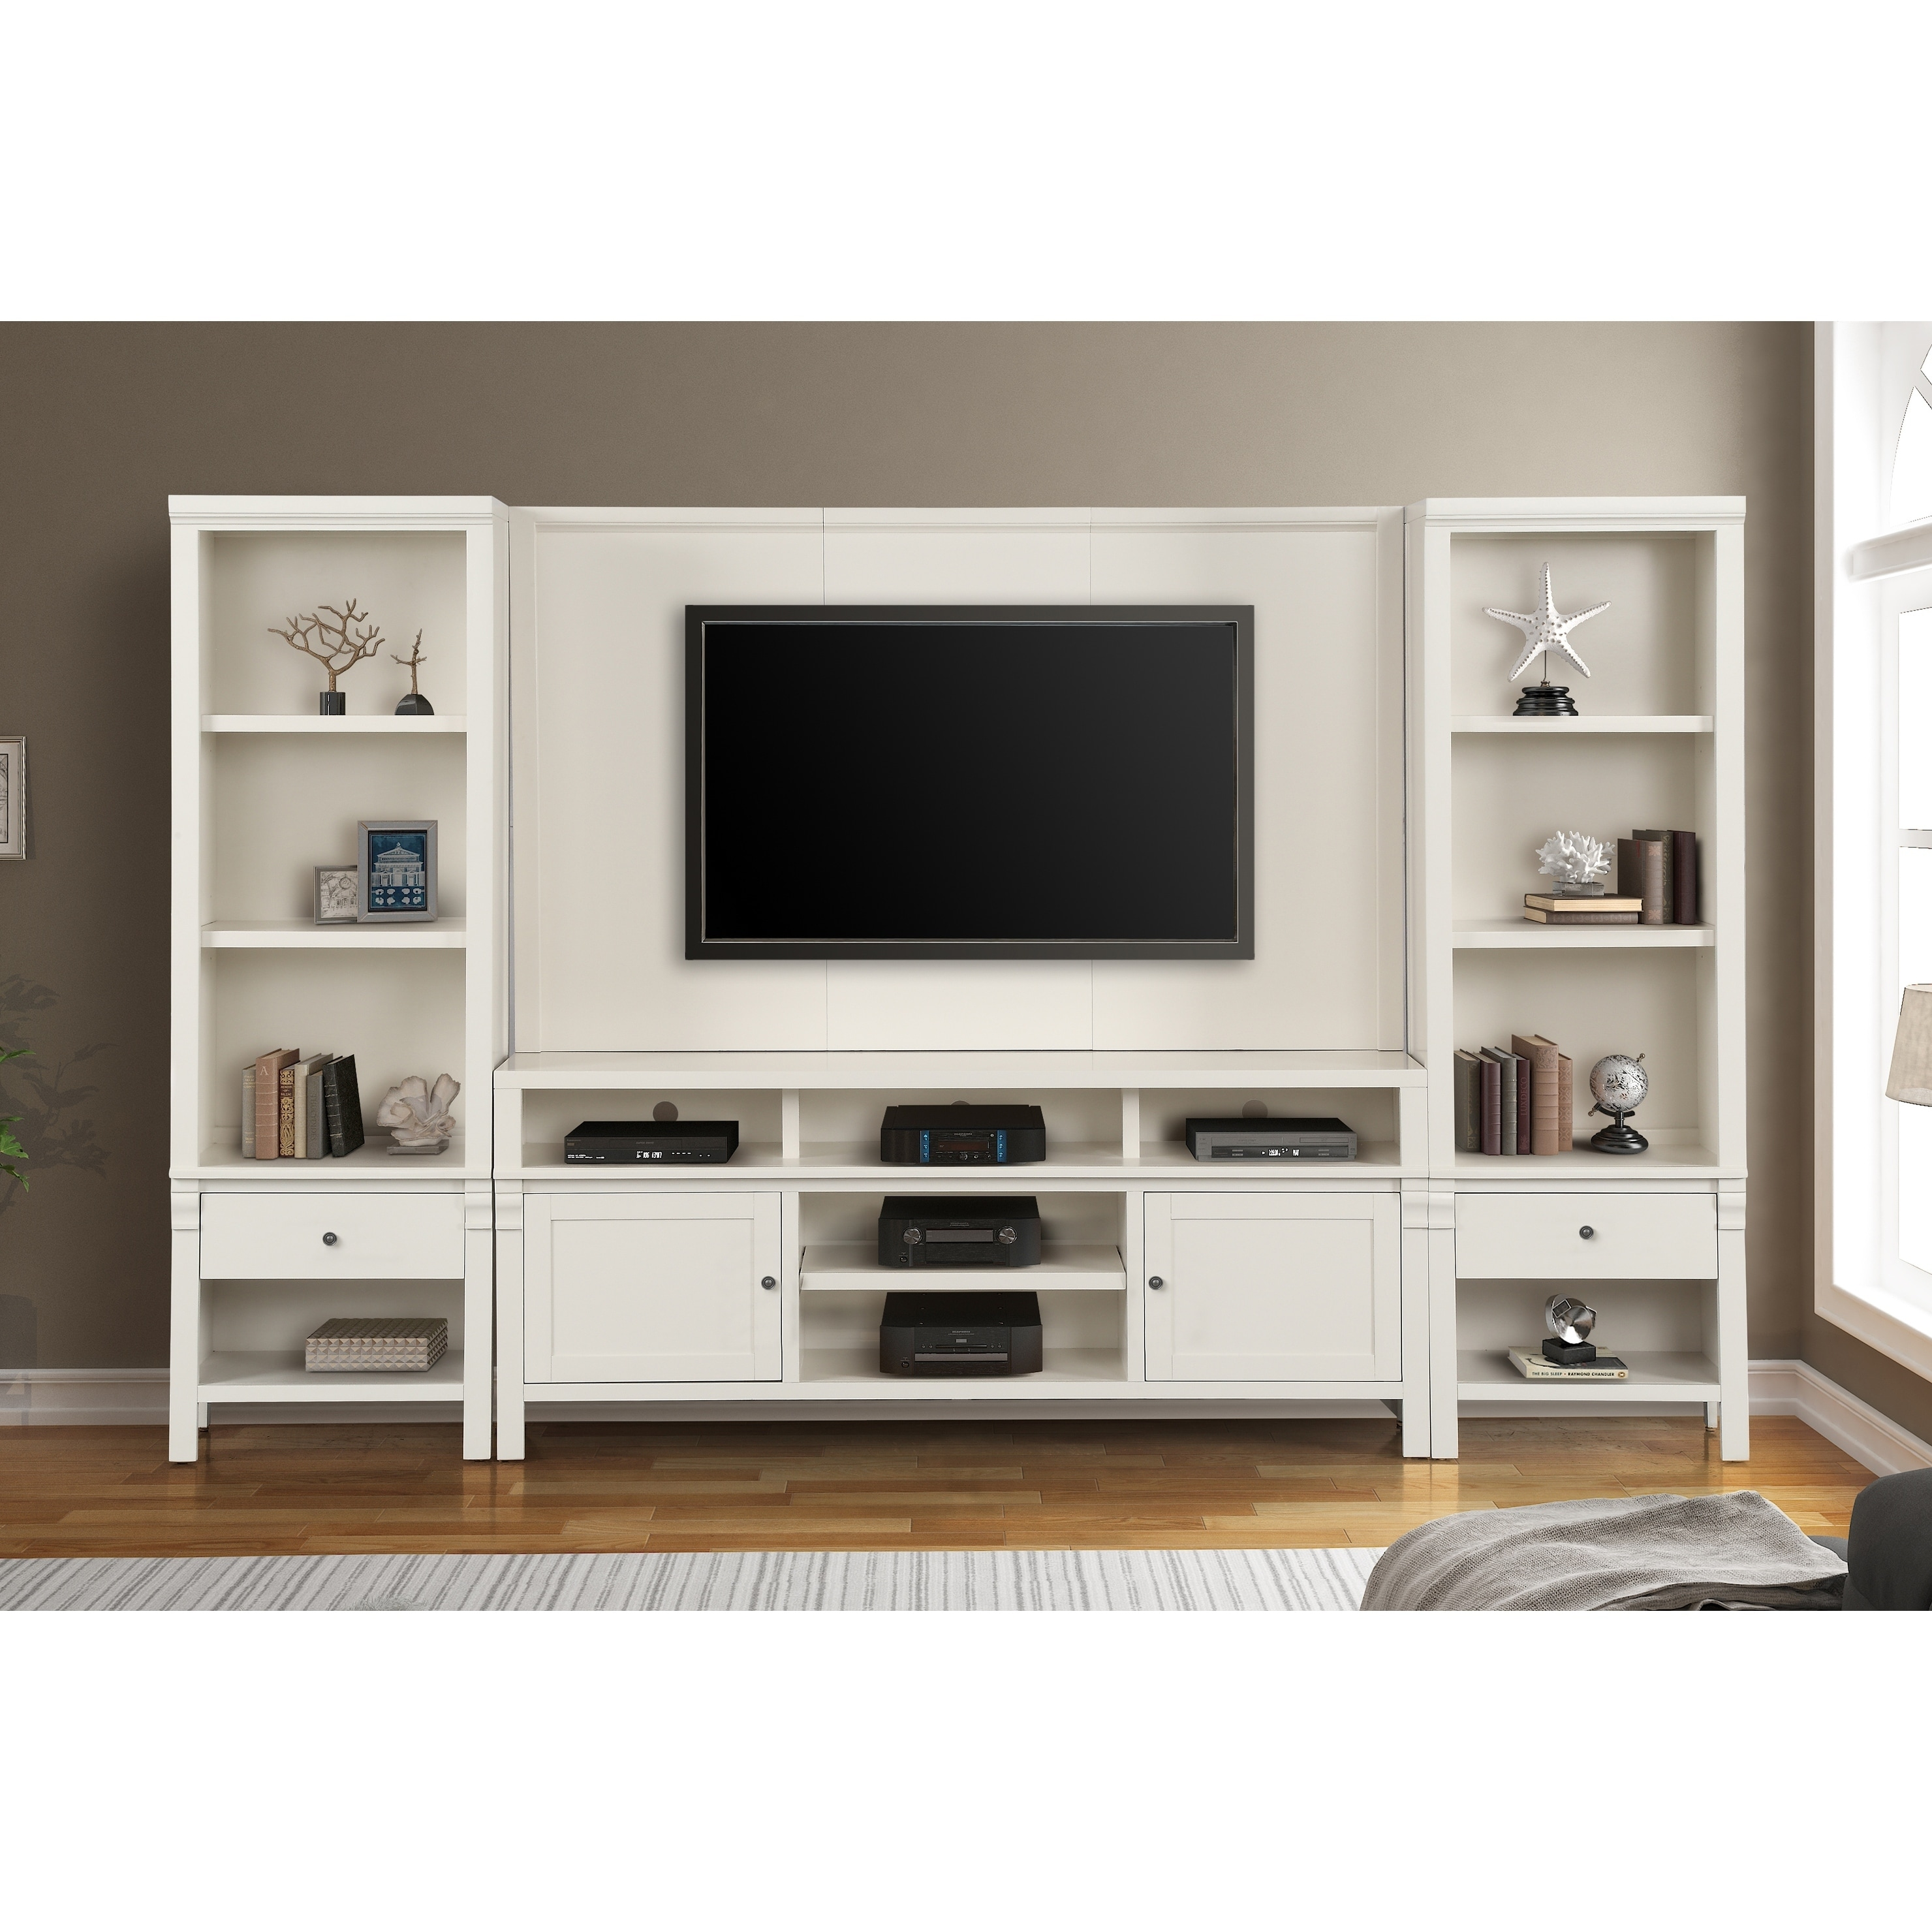 white living room entertainment center Chandler modern tv wall unit